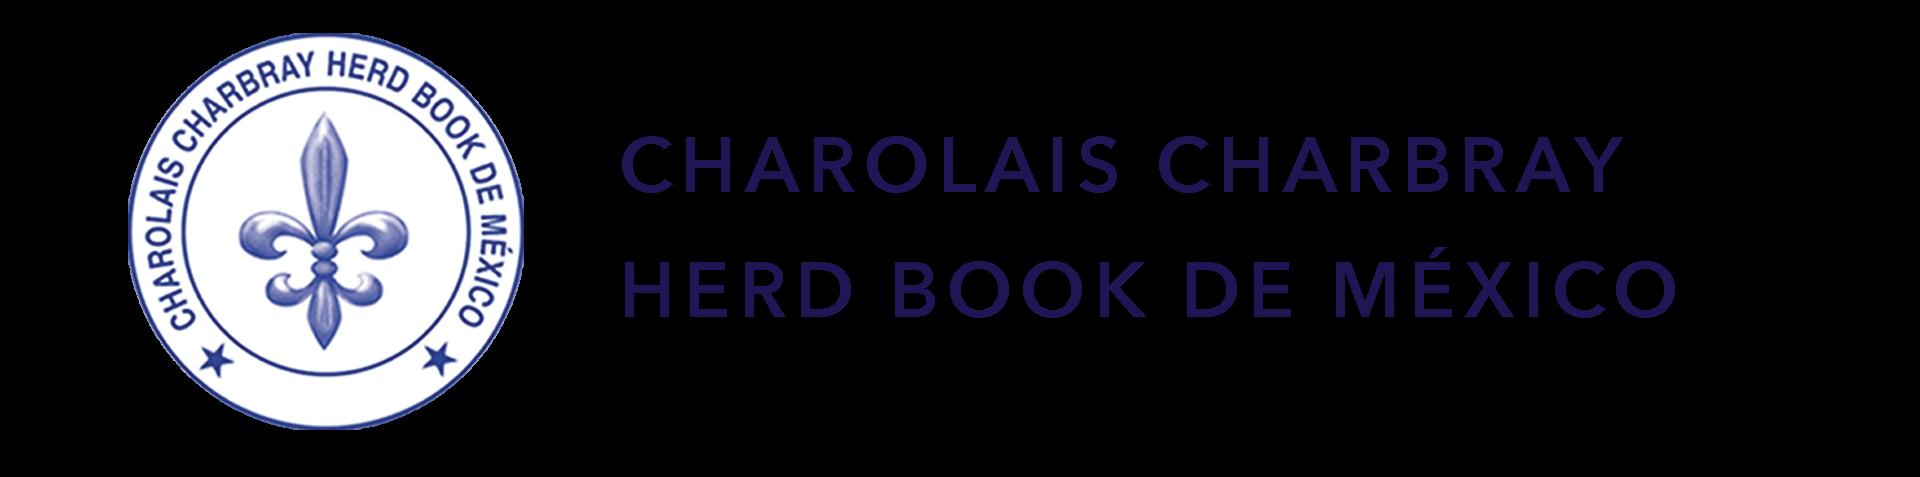 Charolais Charbray Herd Book de México